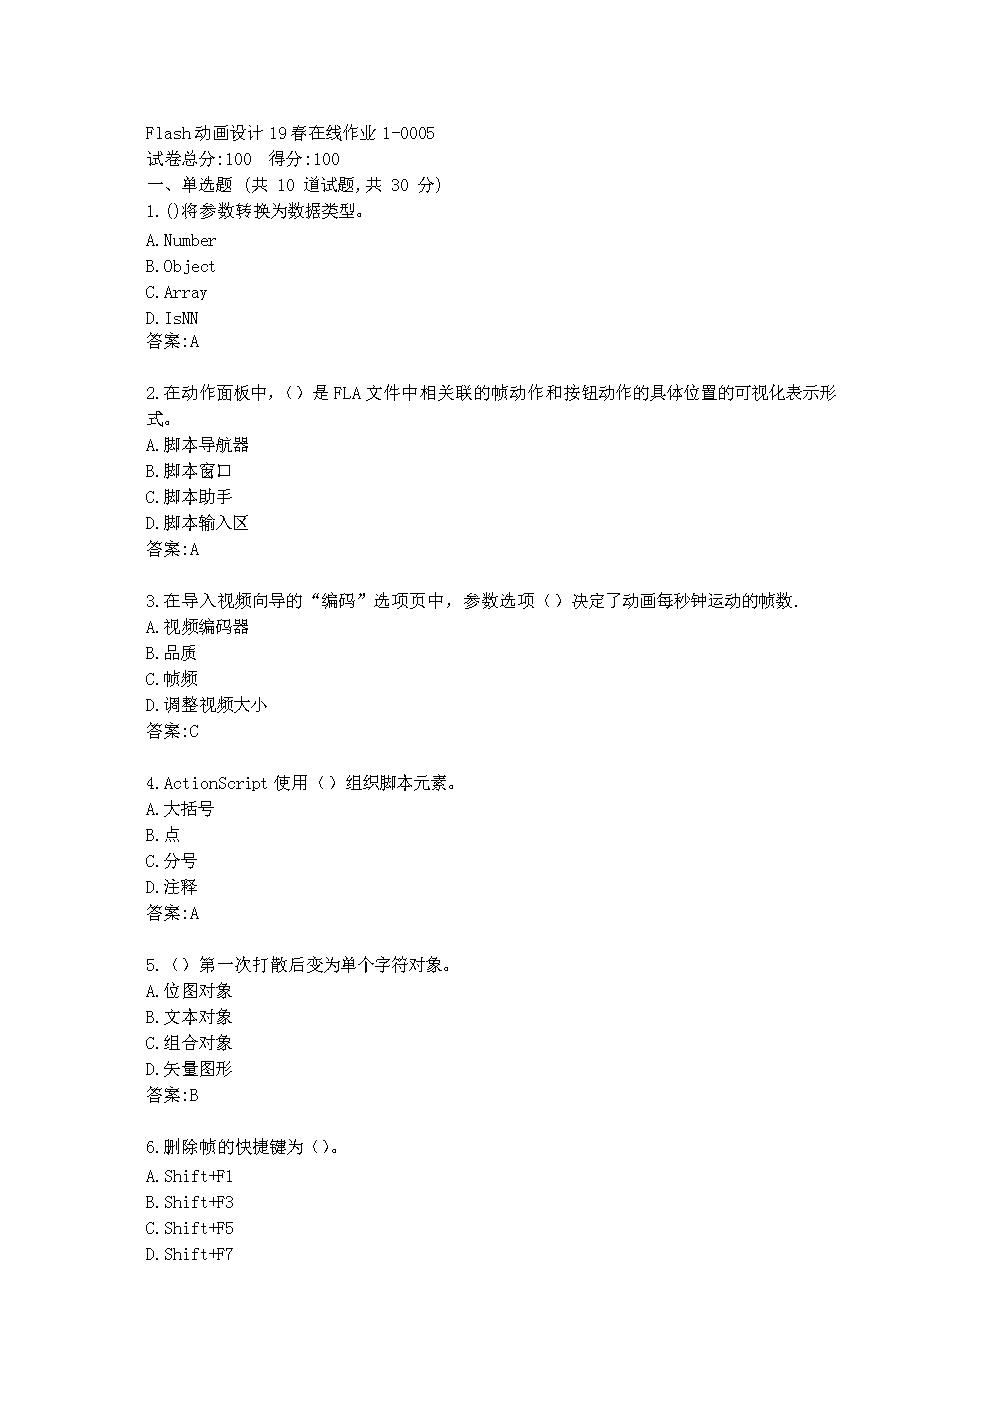 东师Flash动画设计20秋在线作业1【标准答案】.docx